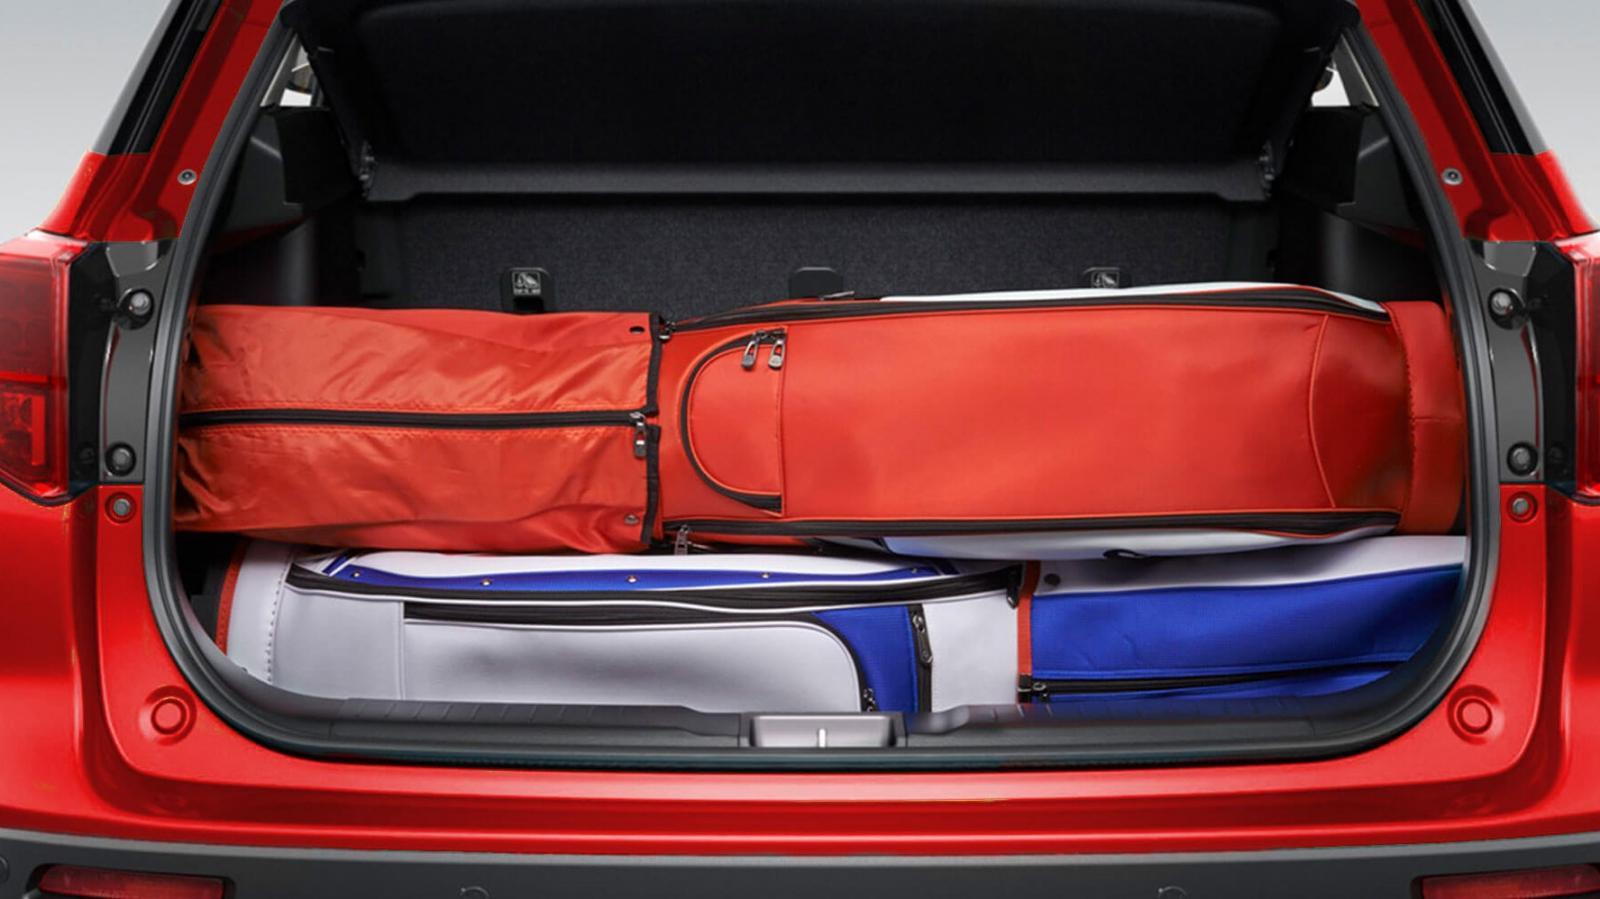 Suzuki Vitara Boosterjet All Grip 2020 resena opiniones Ofrece una capacidad de carga de 710 litros en la cajuela con asientos traseros abatidos